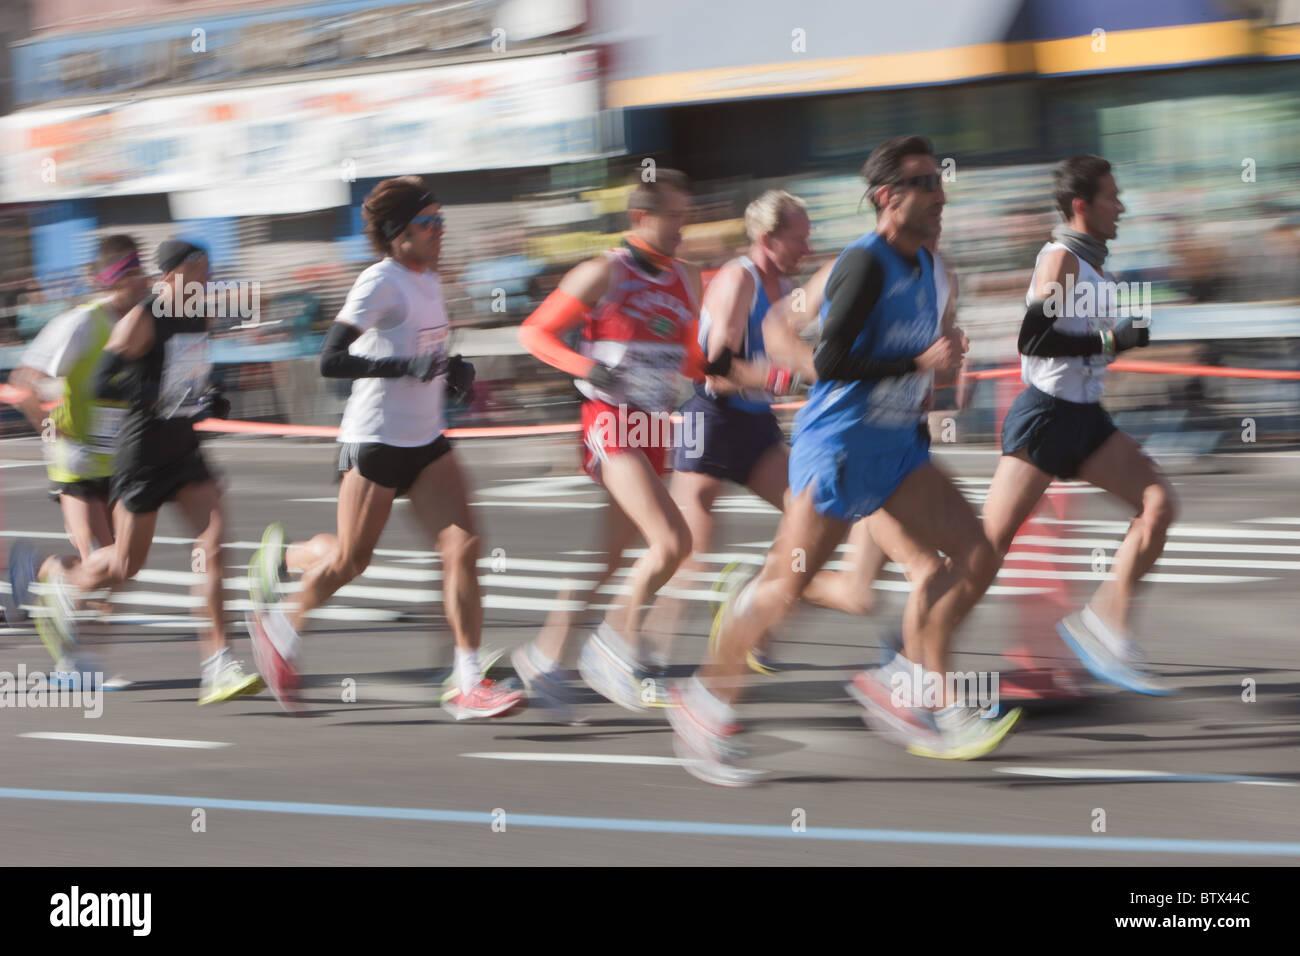 L'abstraction floue de coureurs dans le Marathon de New York en 2010. Photo Stock